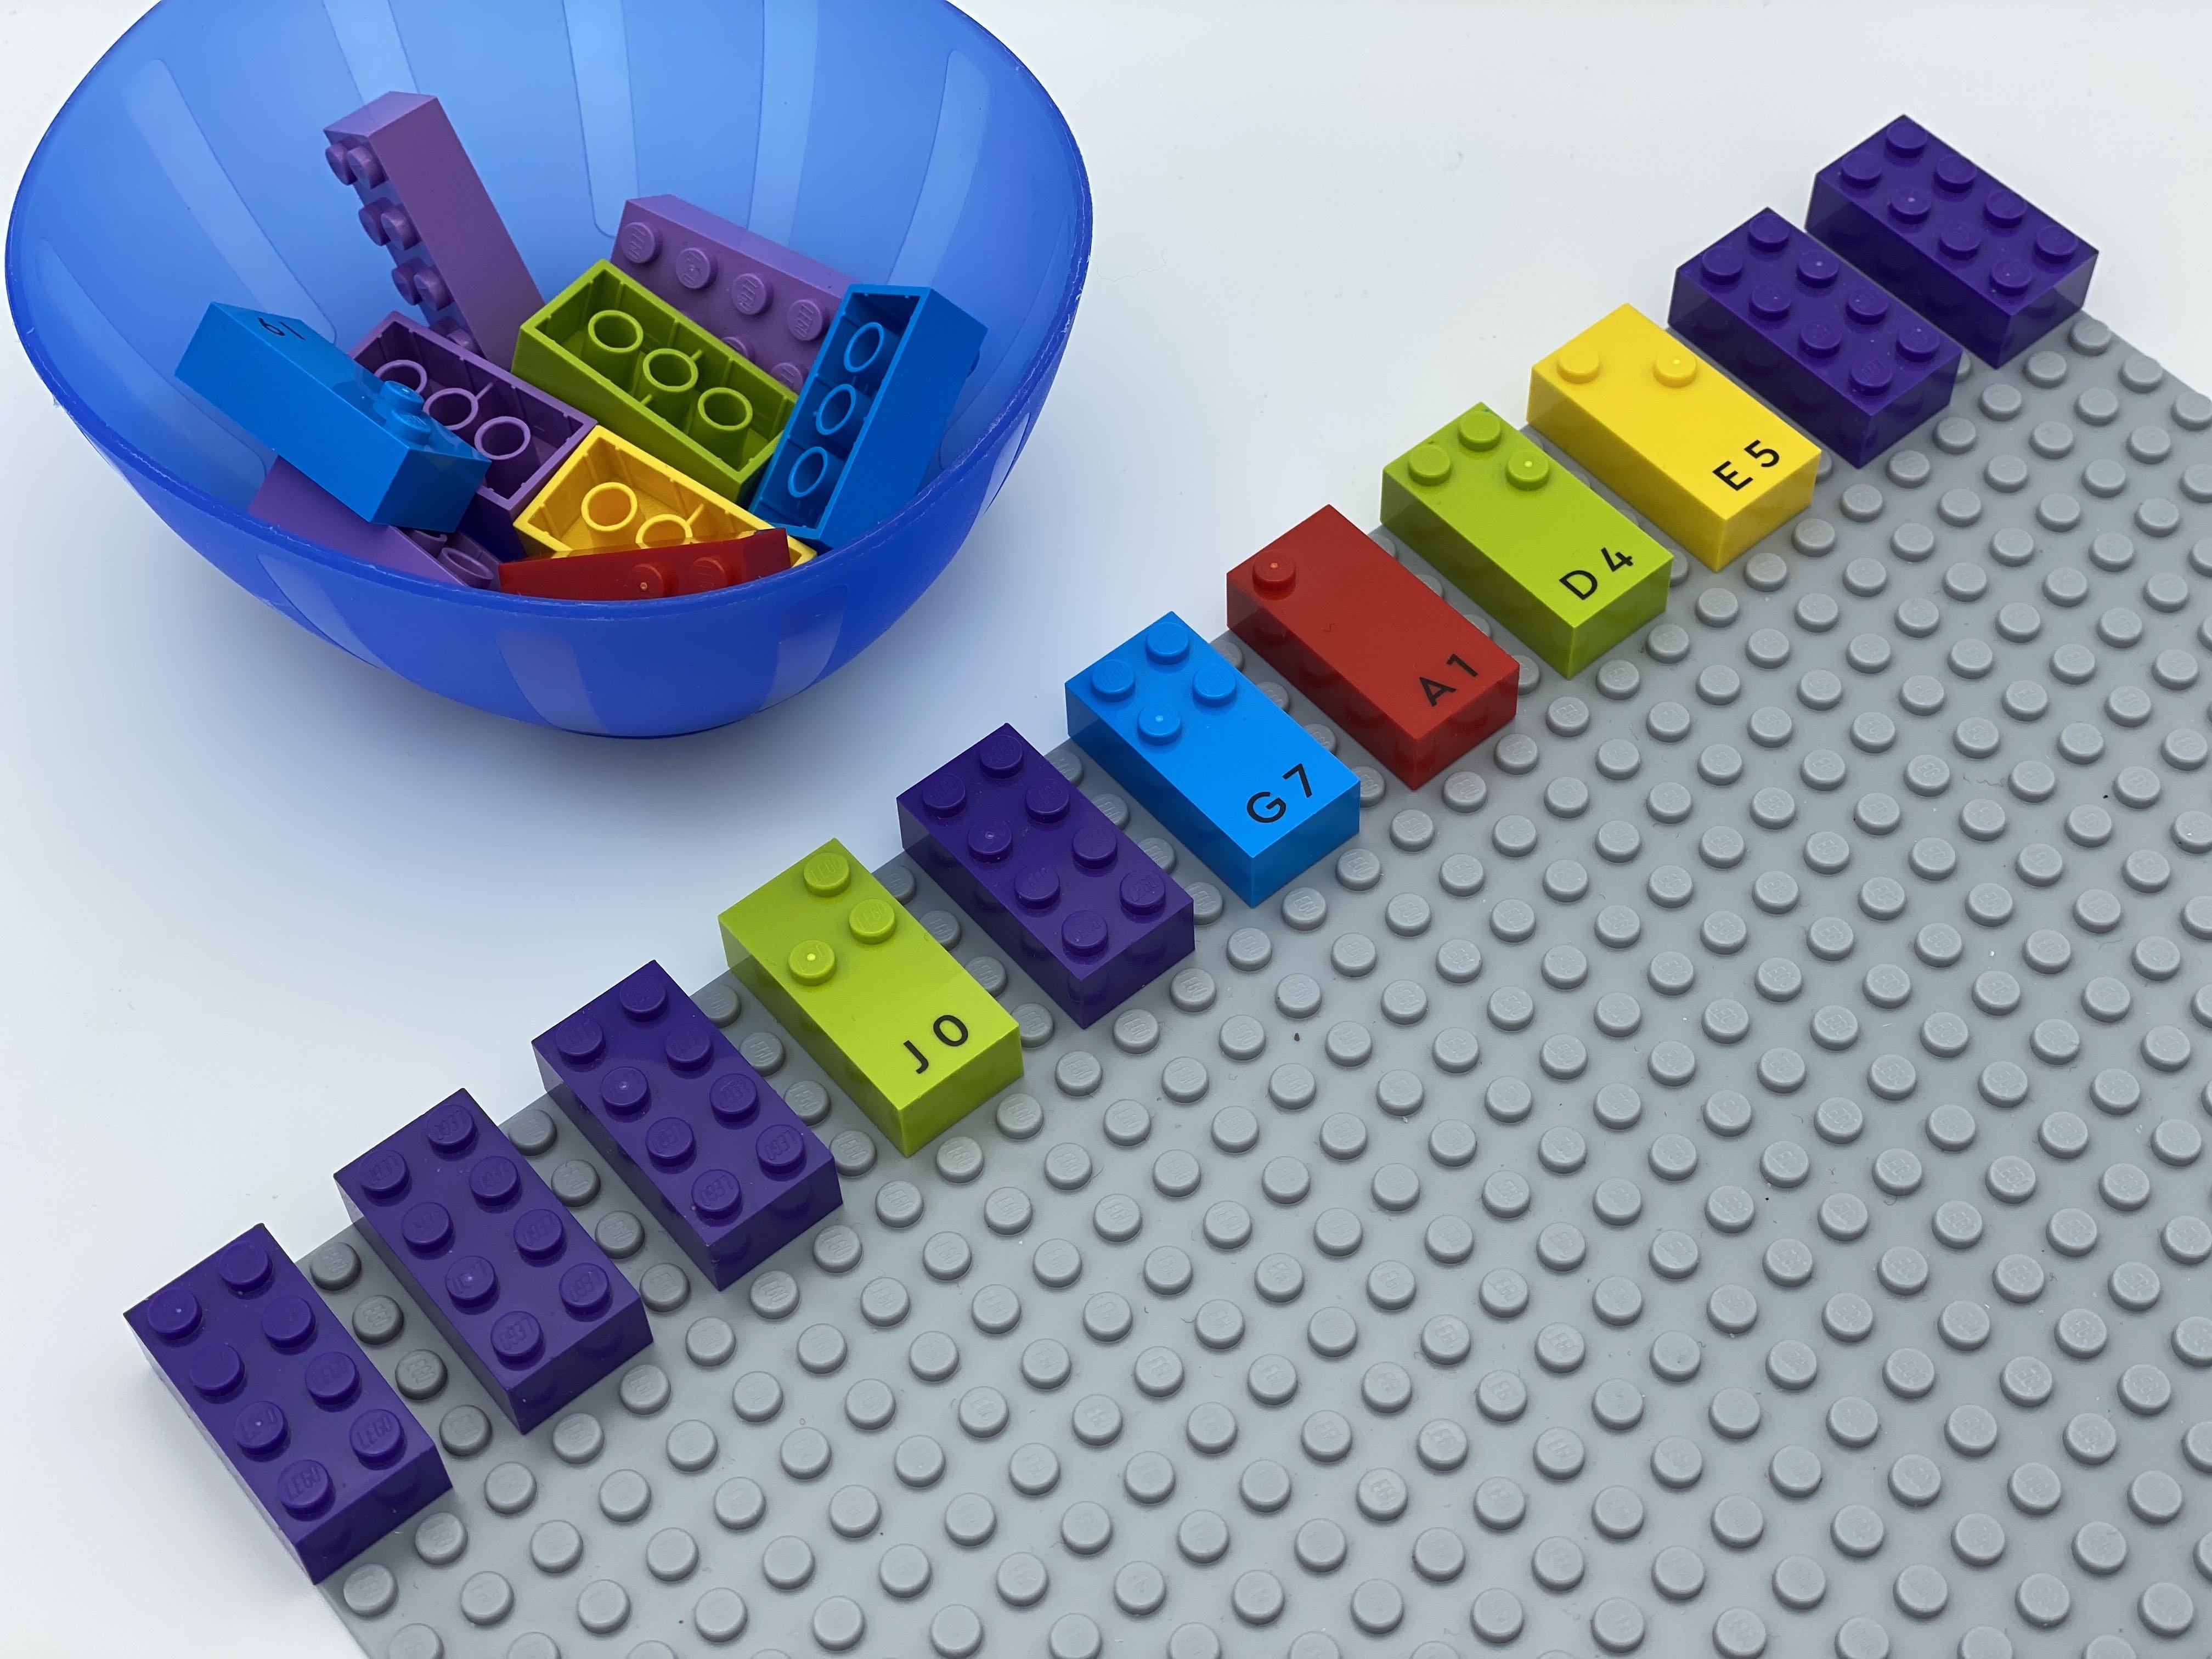 A row of 11 bricks: classic, classic, classic, j, classic, g, a, d, e, classic, classic.